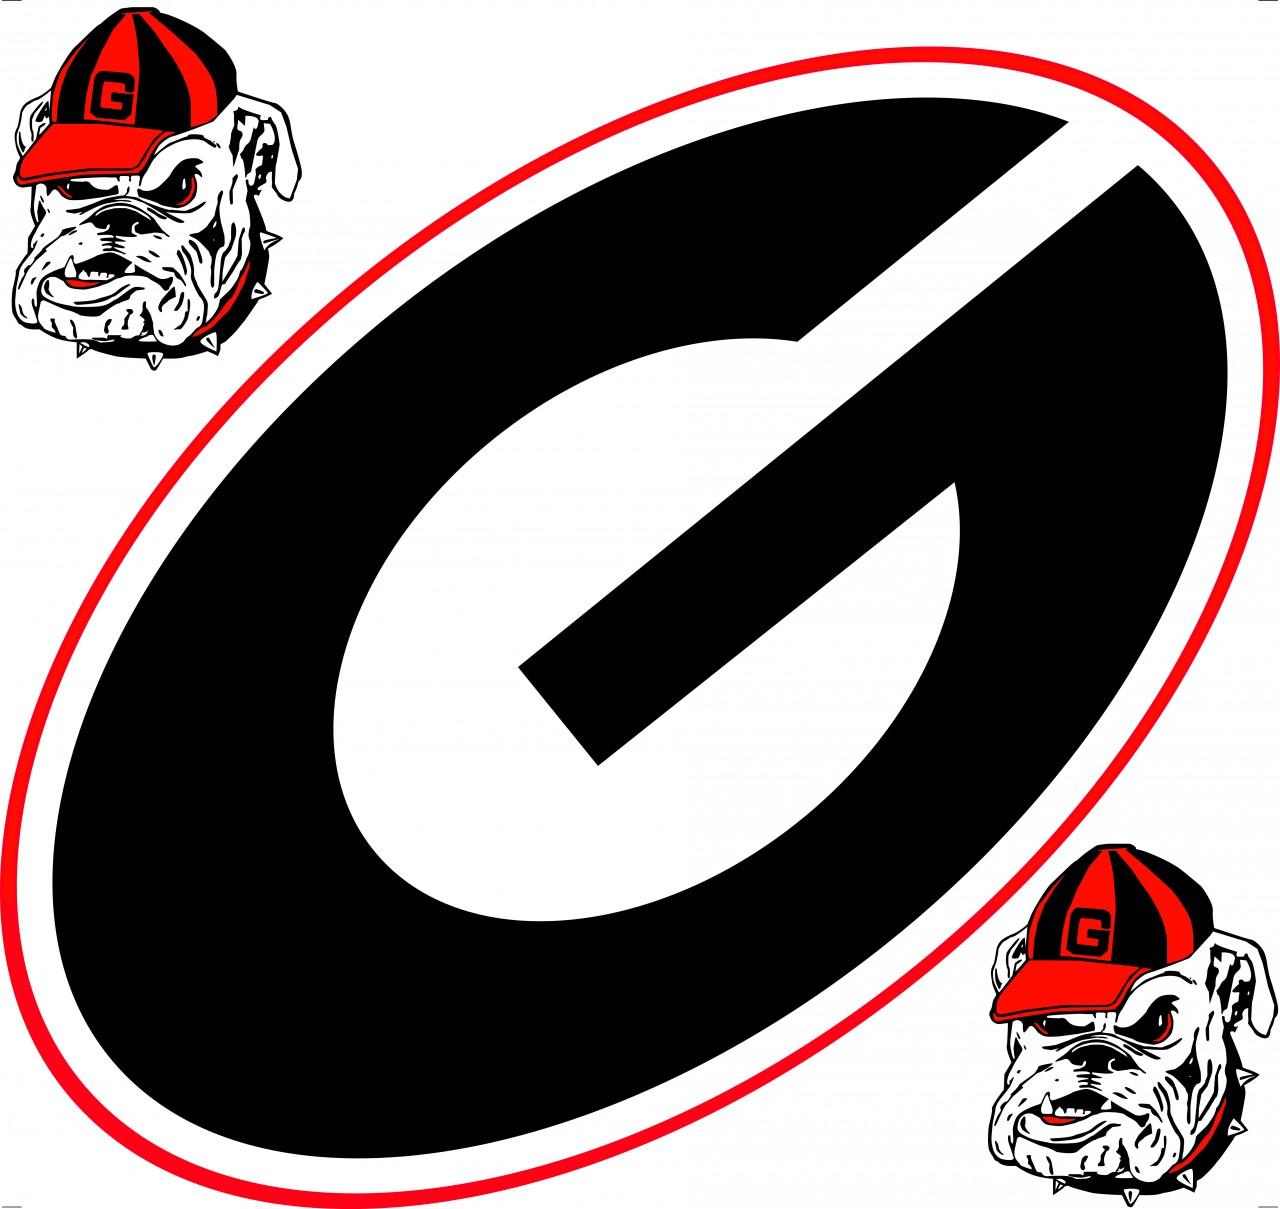 Georgia wallpapers football players wallpapersafari - Georgia bulldog screensavers wallpapers ...